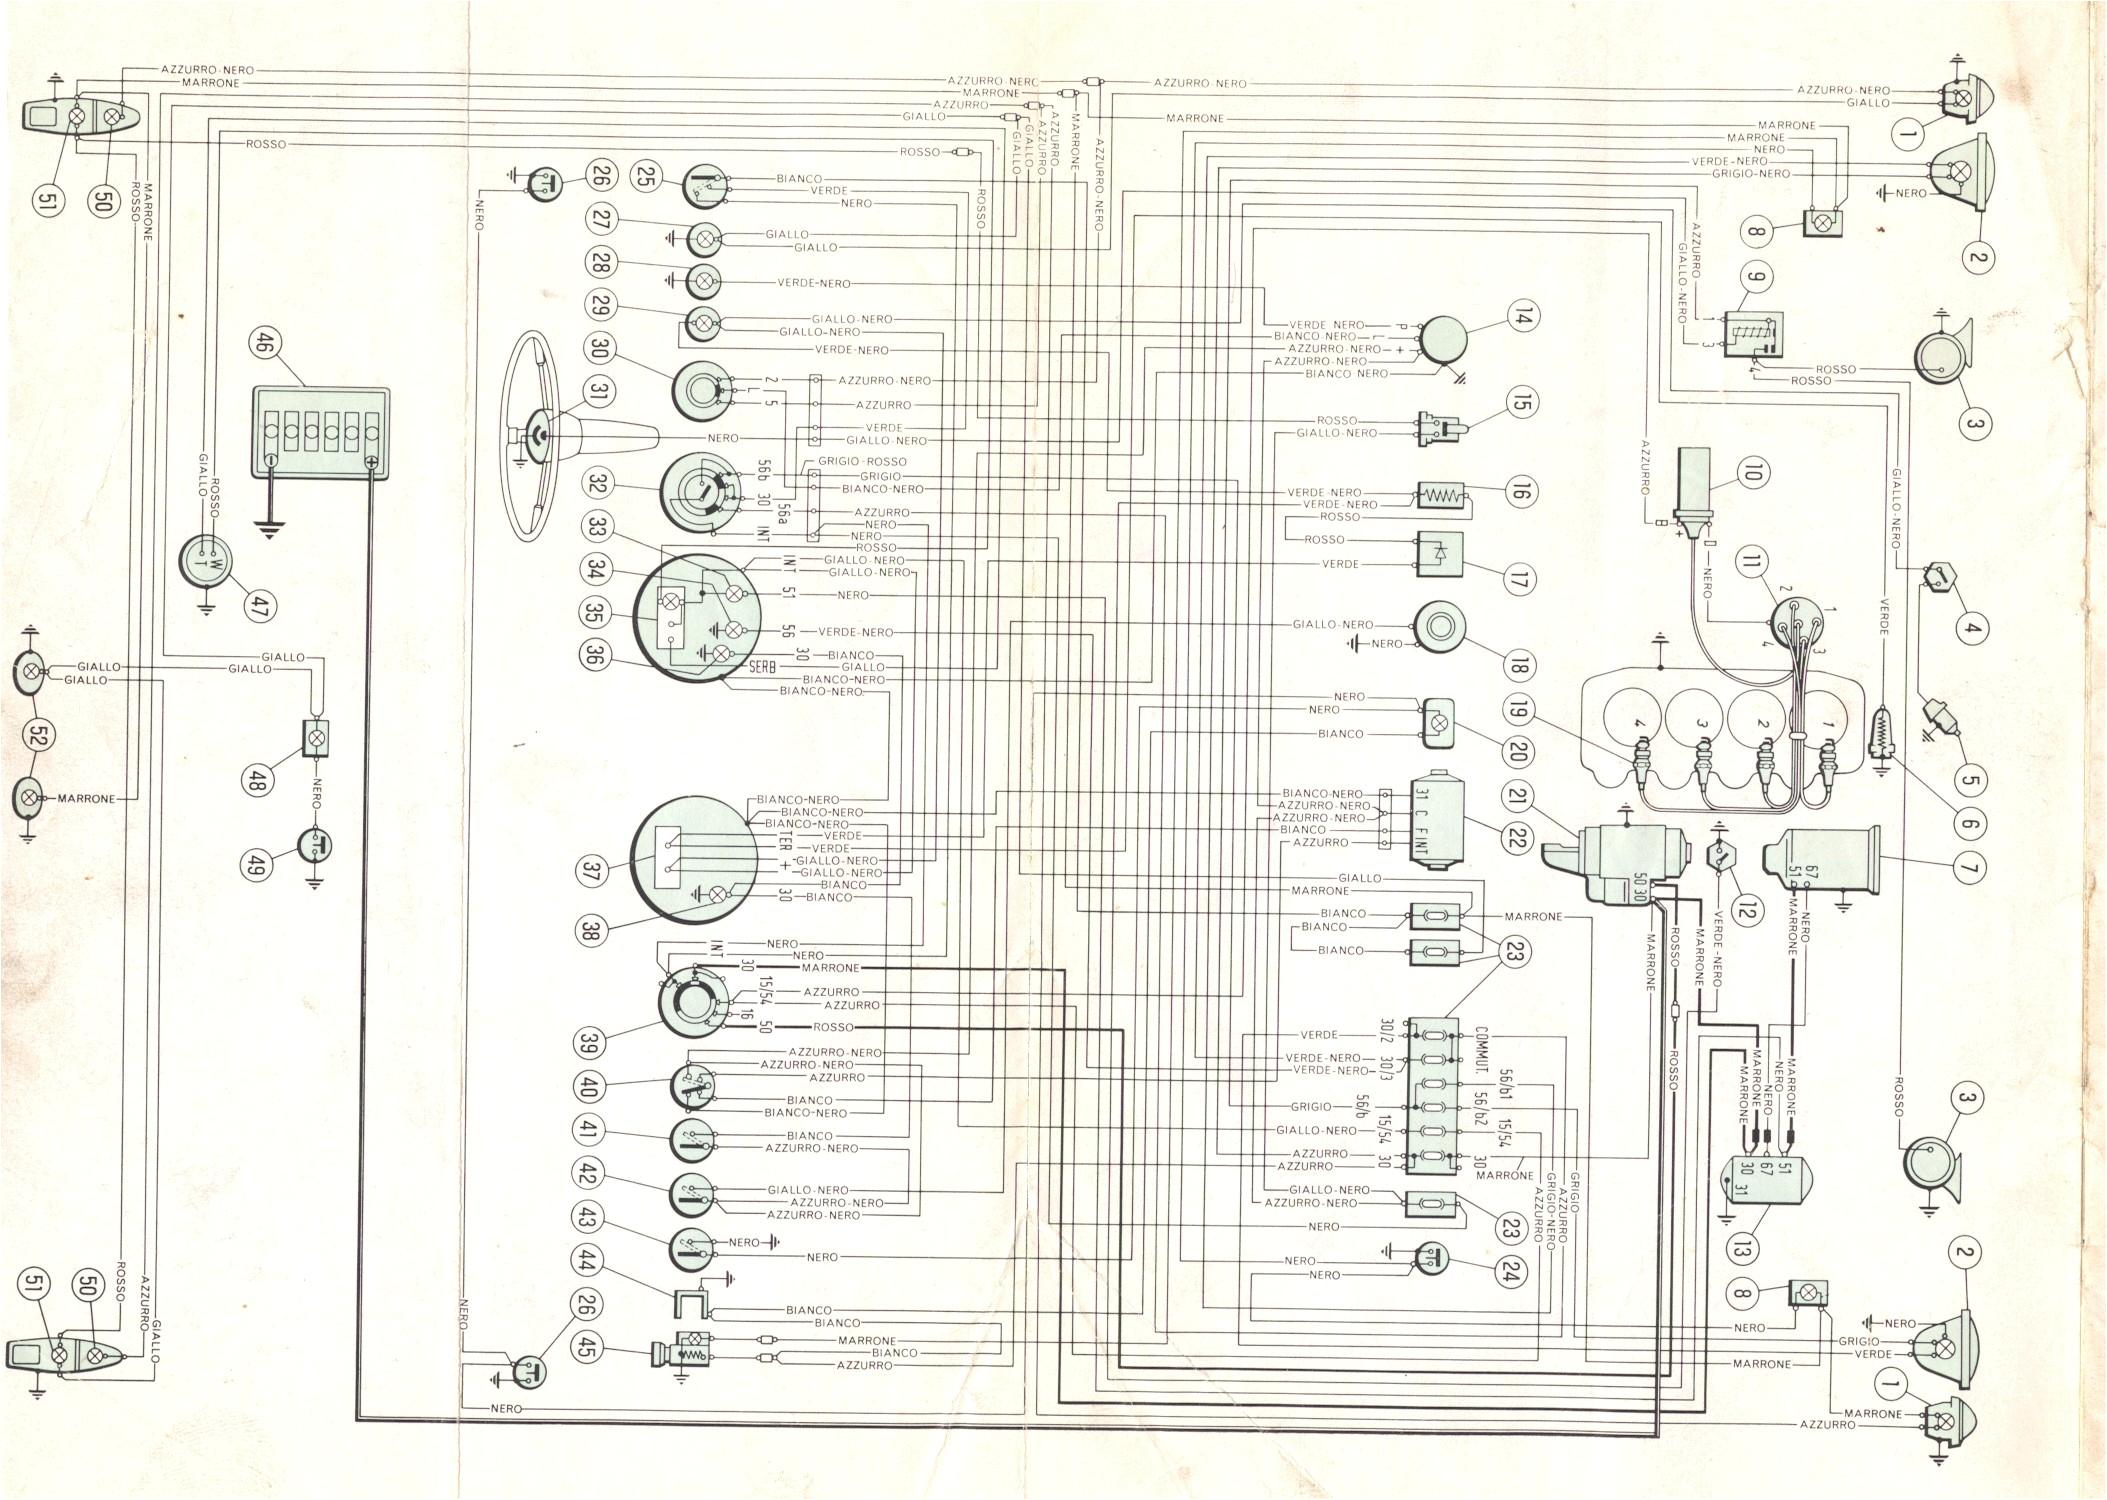 Fiat Doblo Wiring Diagram Pdf Fiat Ducato 3 0 Wiring Diagram Wiring Diagram Fascinating